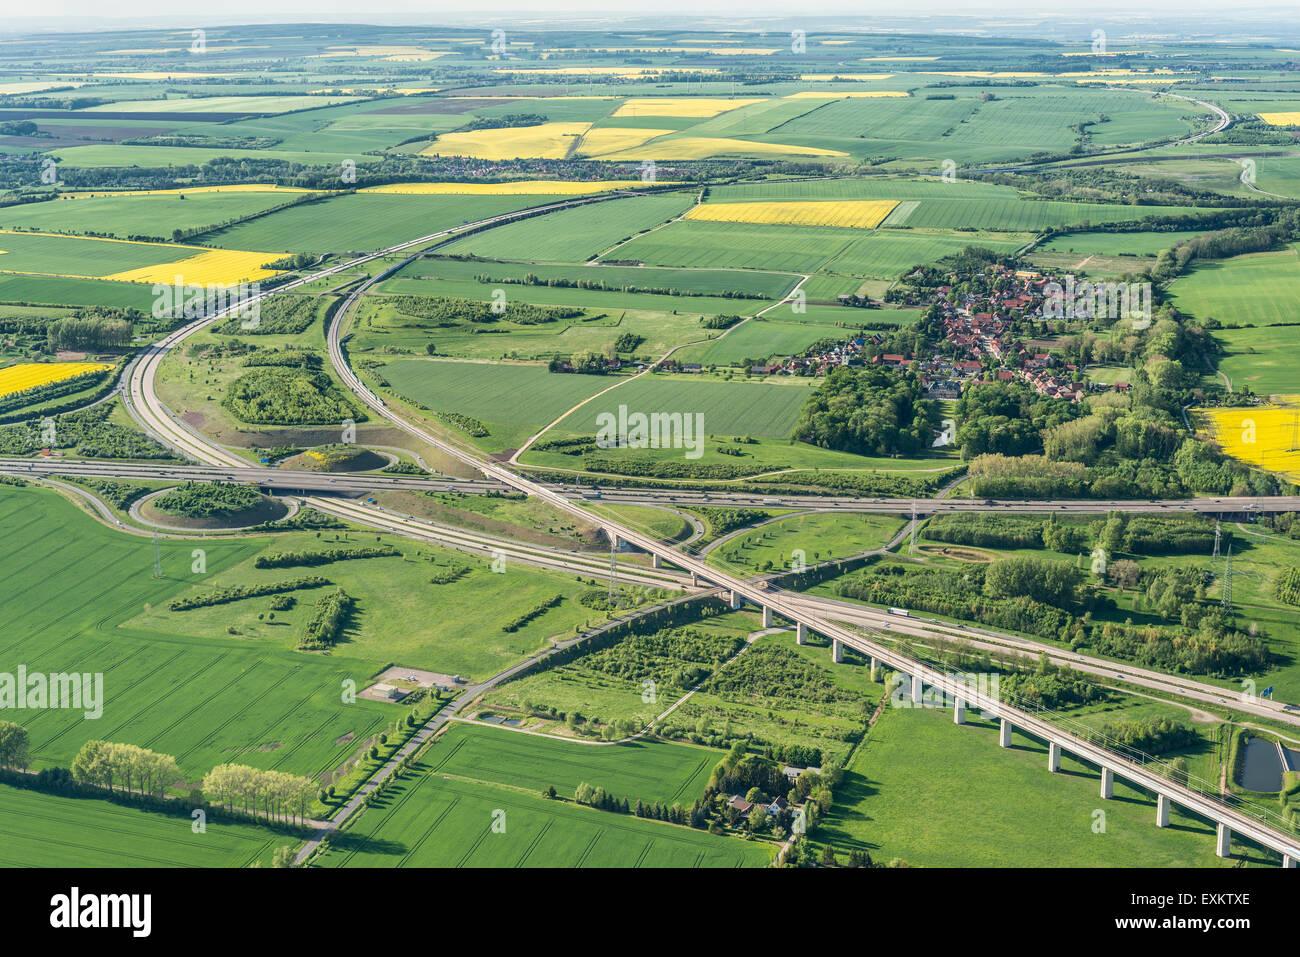 Les autoroutes fédérales allemandes 4 et 71, l'échange, LA GLACE Erfurter Kreuz ligne ferroviaire Photo Stock